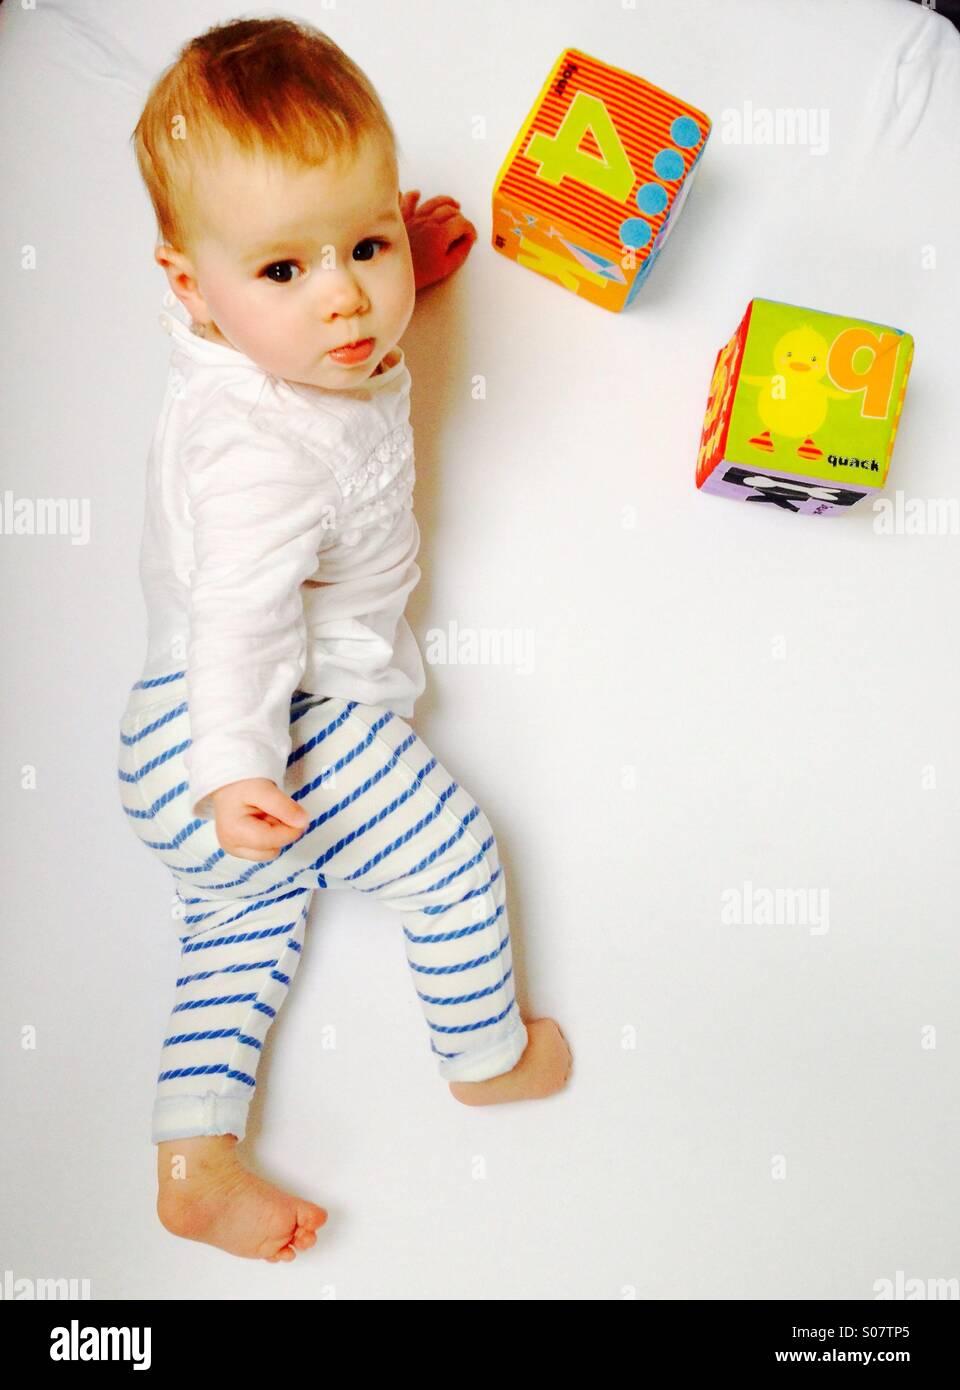 Juguetes Bebe De 8 Meses.Un Bebe De 8 Meses Juega Con Juguetes En Una Hauck Cuna De